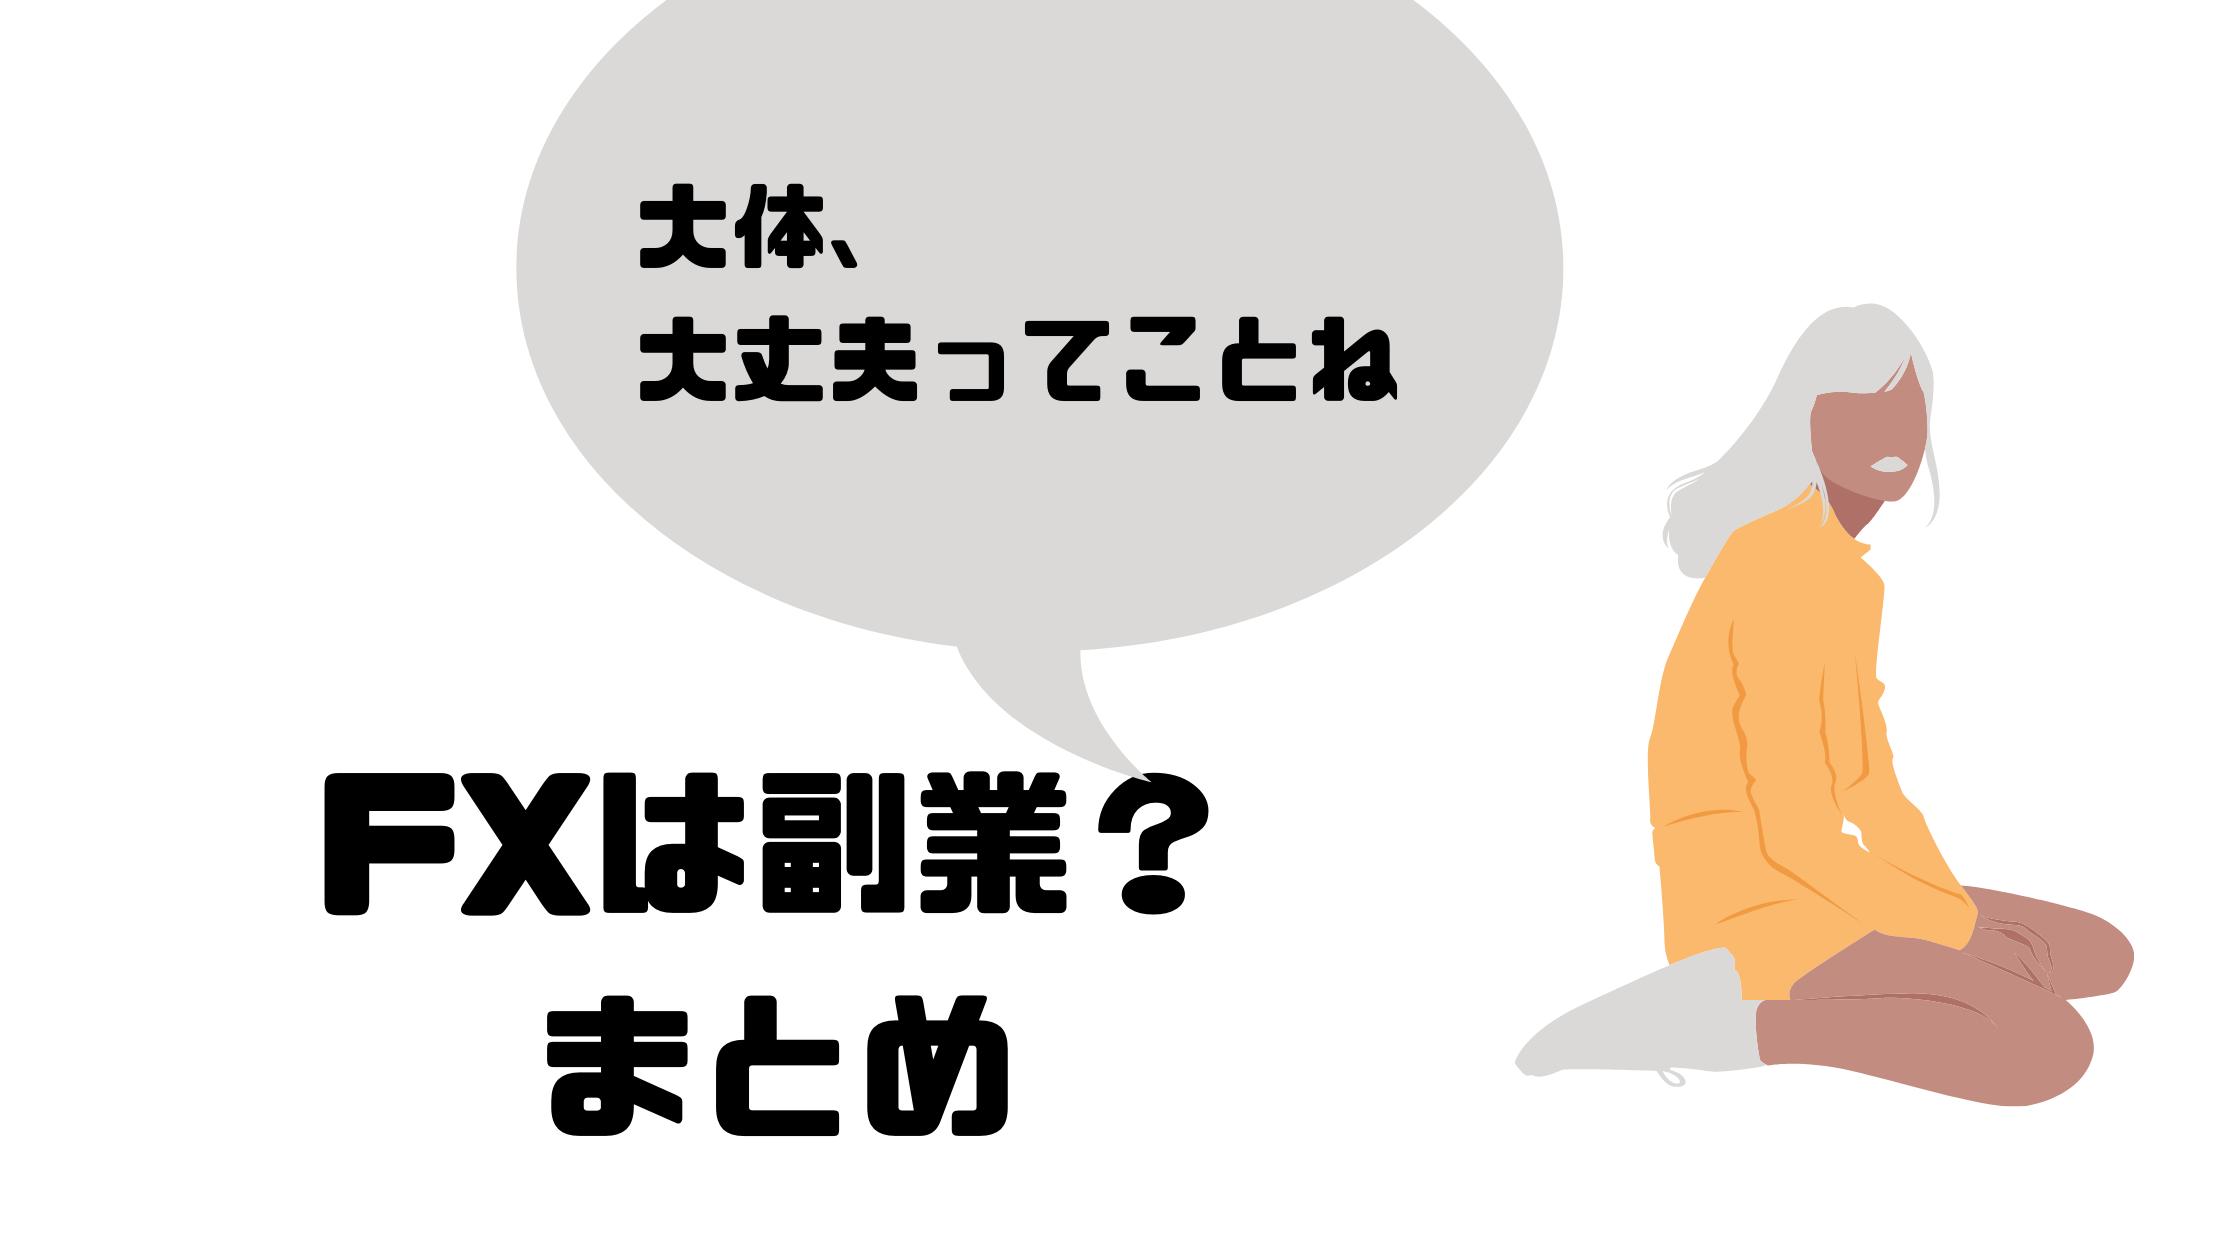 FX_副業_できる